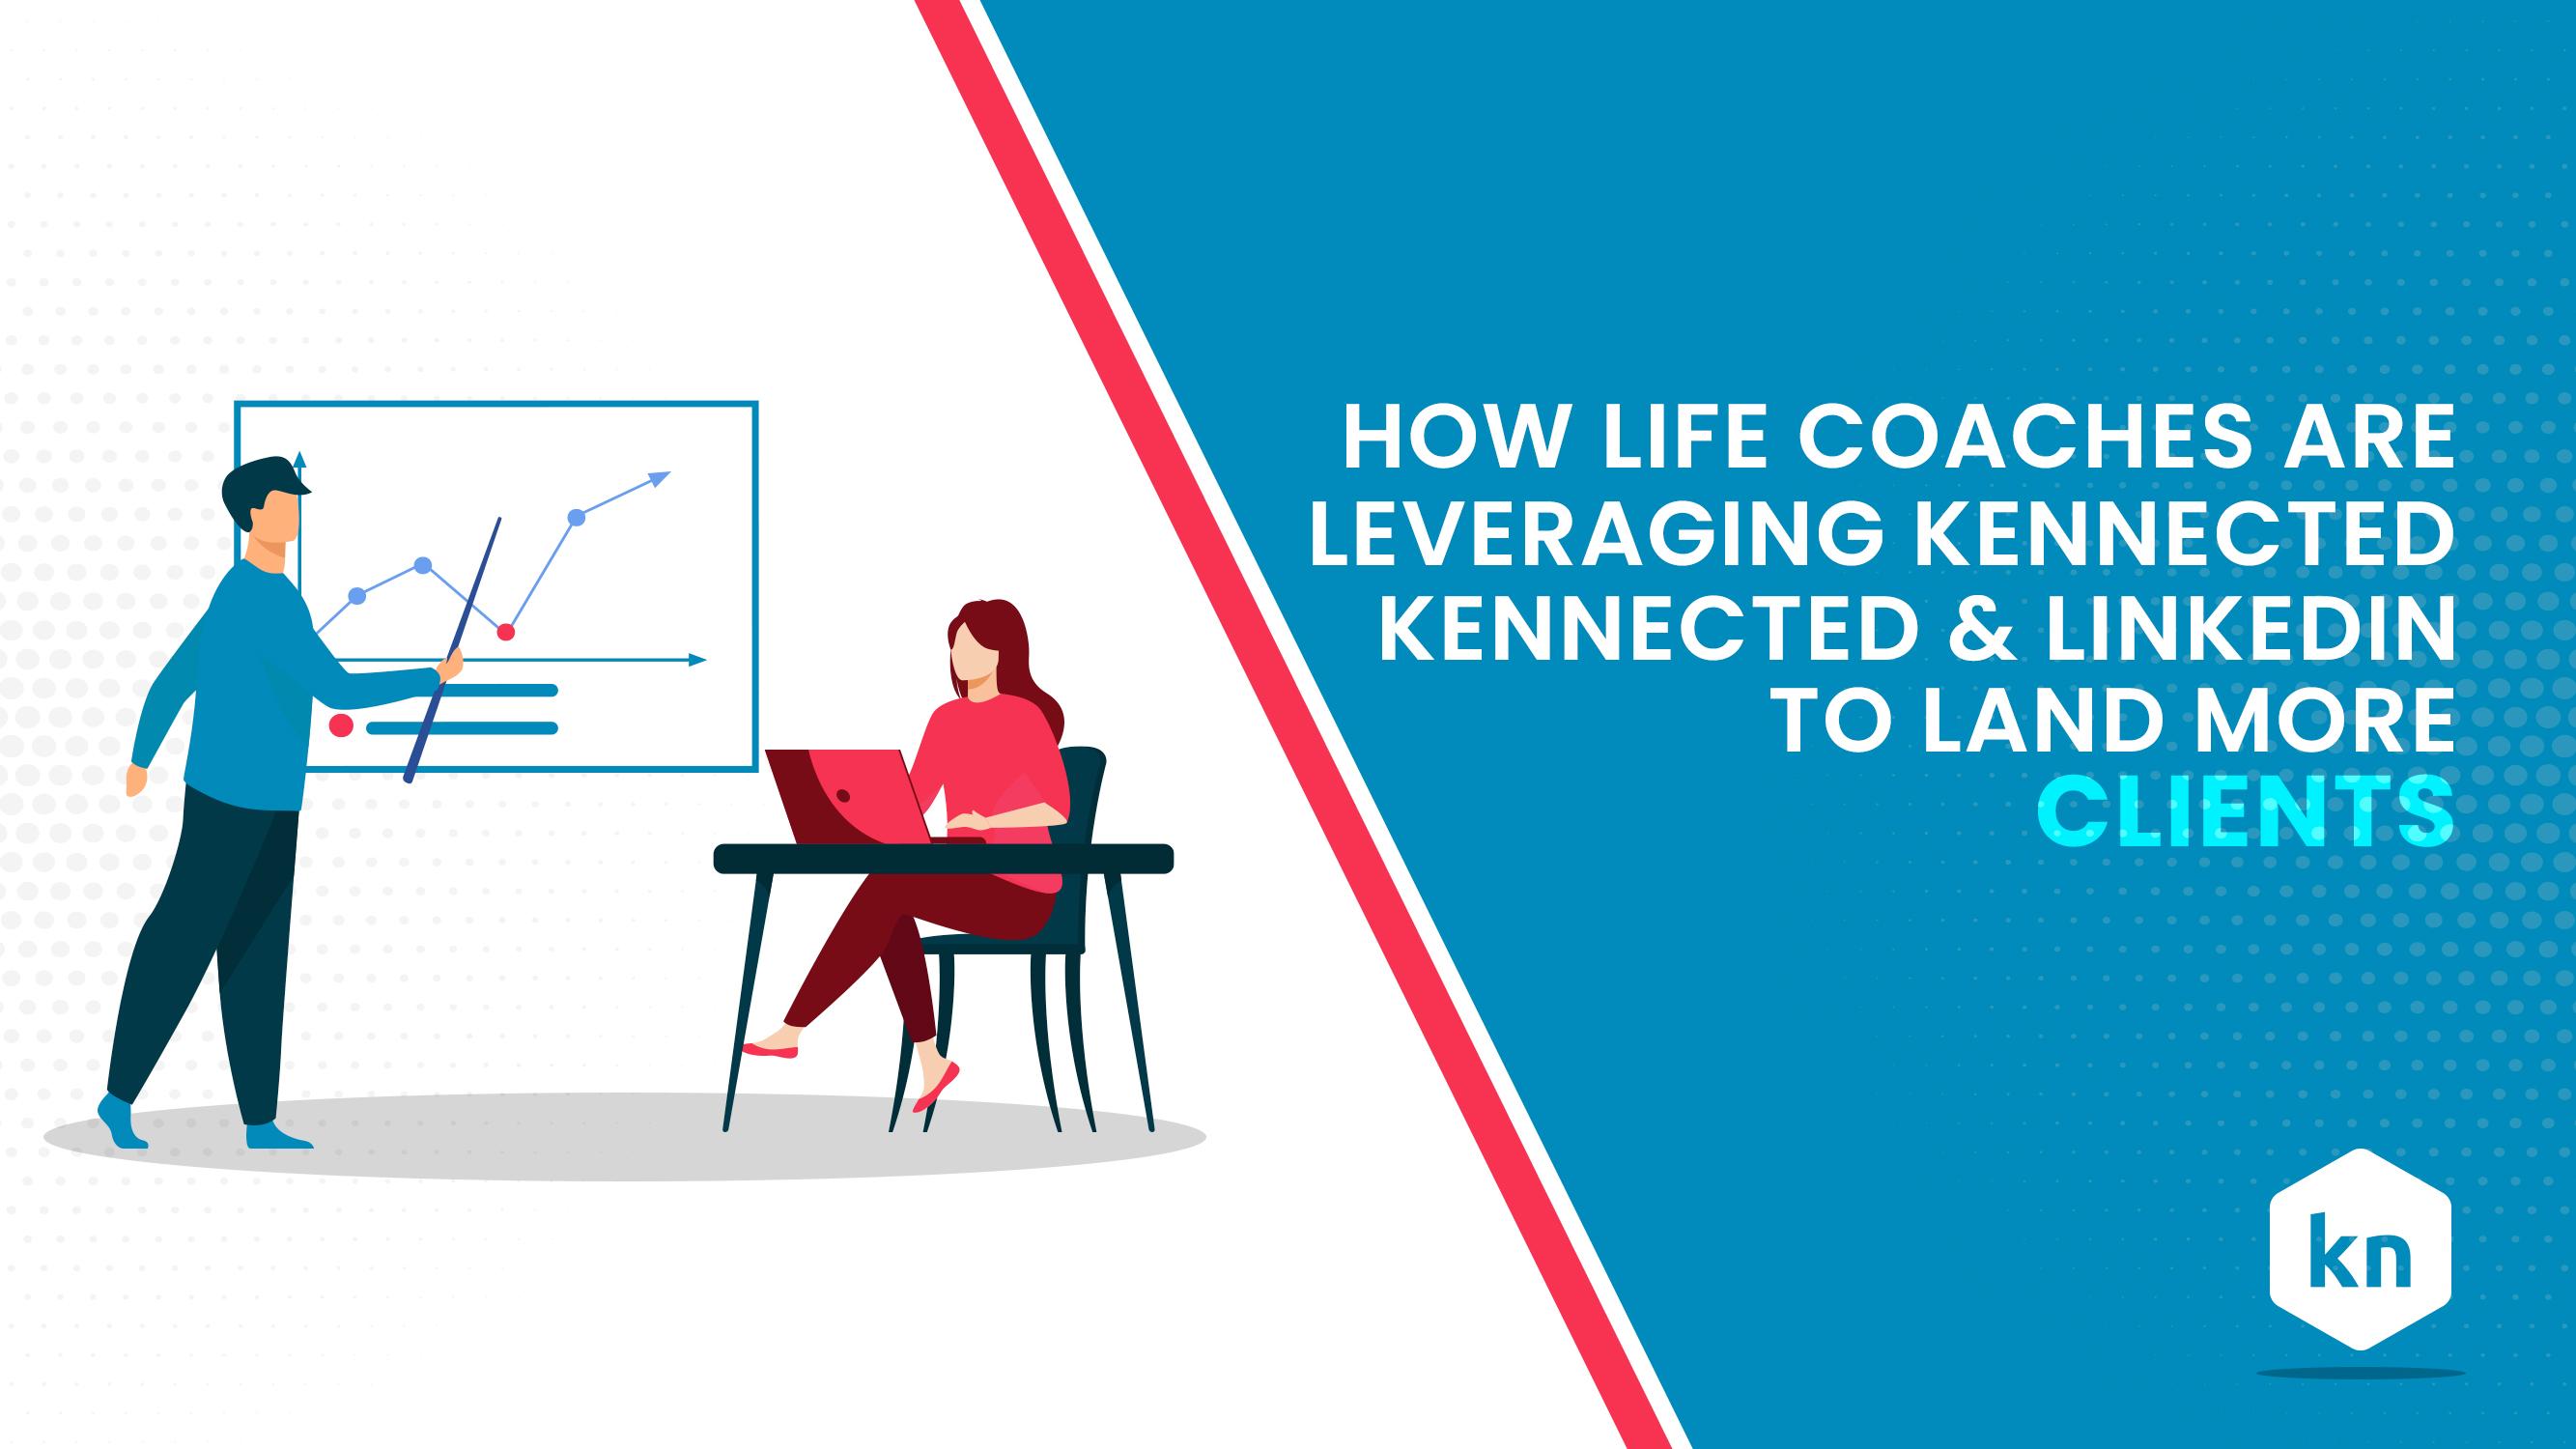 生活教练如何利用Kennected和LinkedIn来争取更多客户?